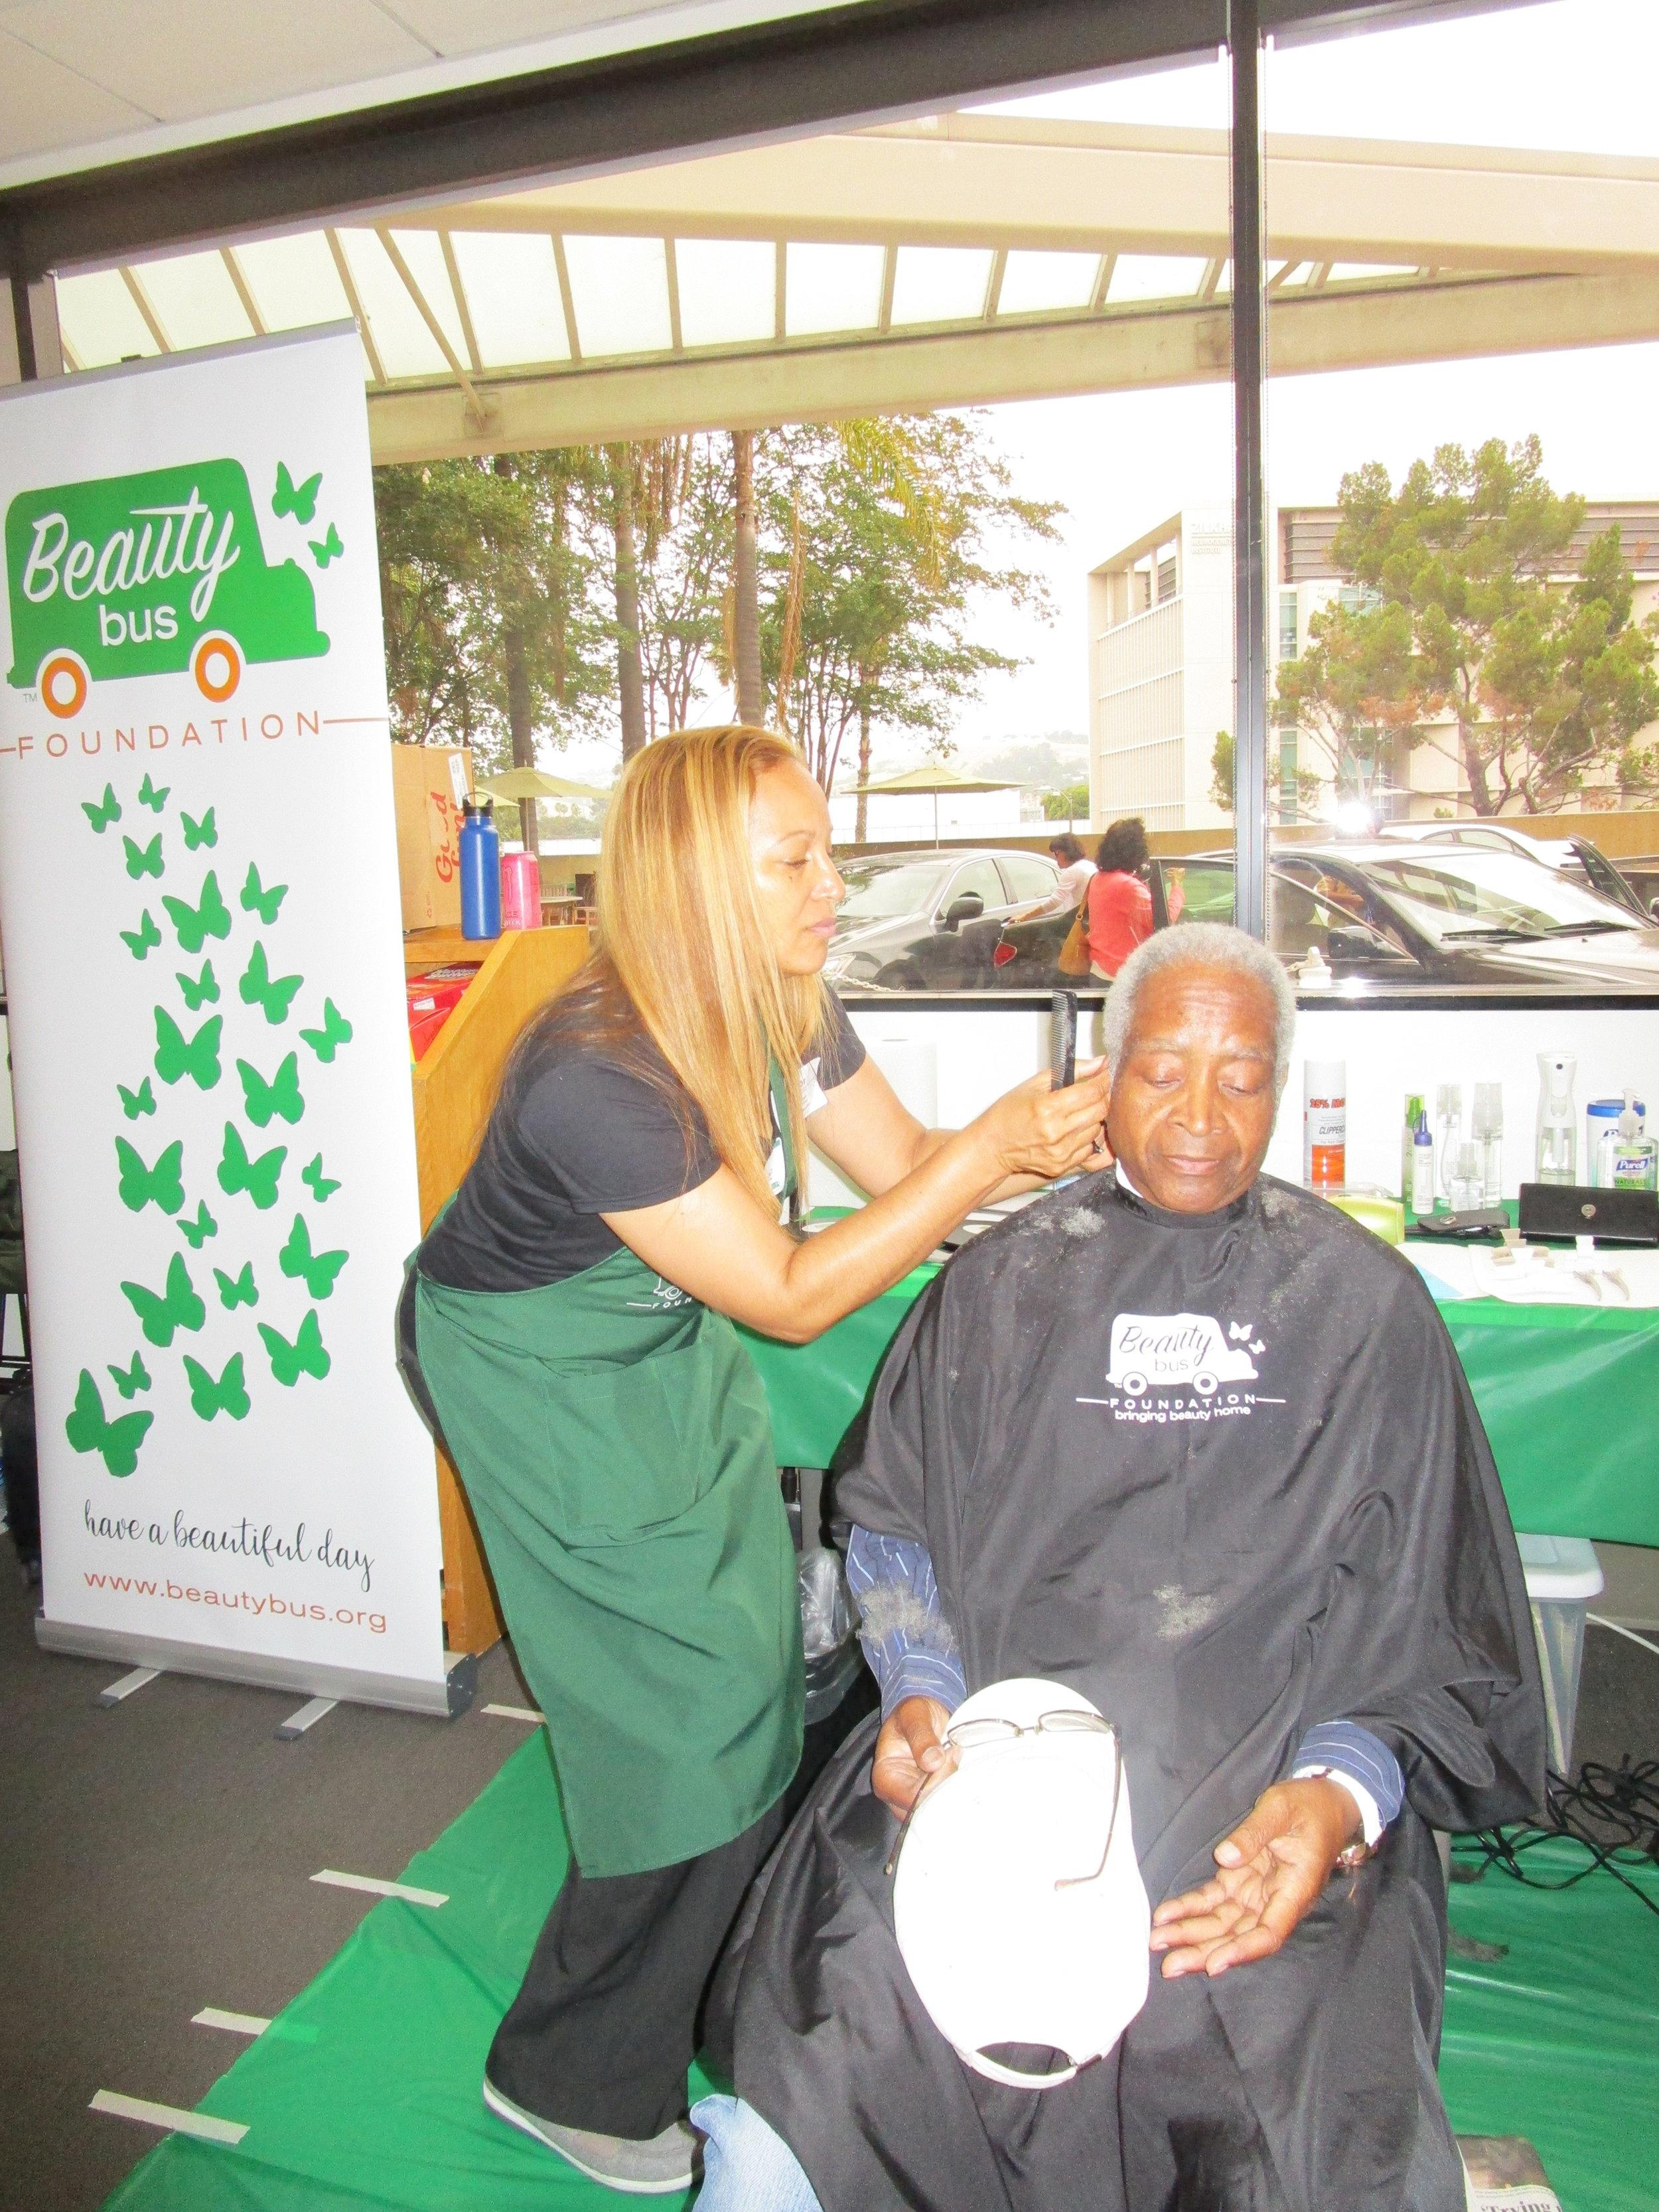 USC Norris Comprehensive Cancer Center Pop-Up Salon — Beauty Bus